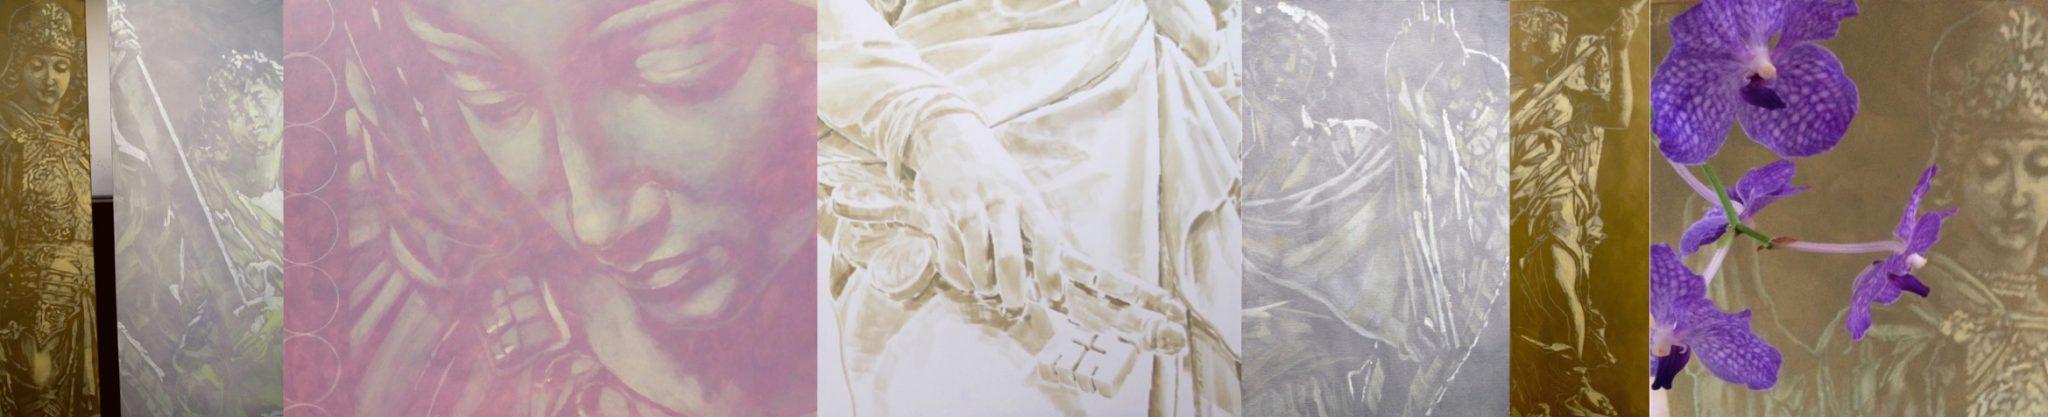 Huldigung St.Georg Ausstellung 2017 Acryl DFLüers